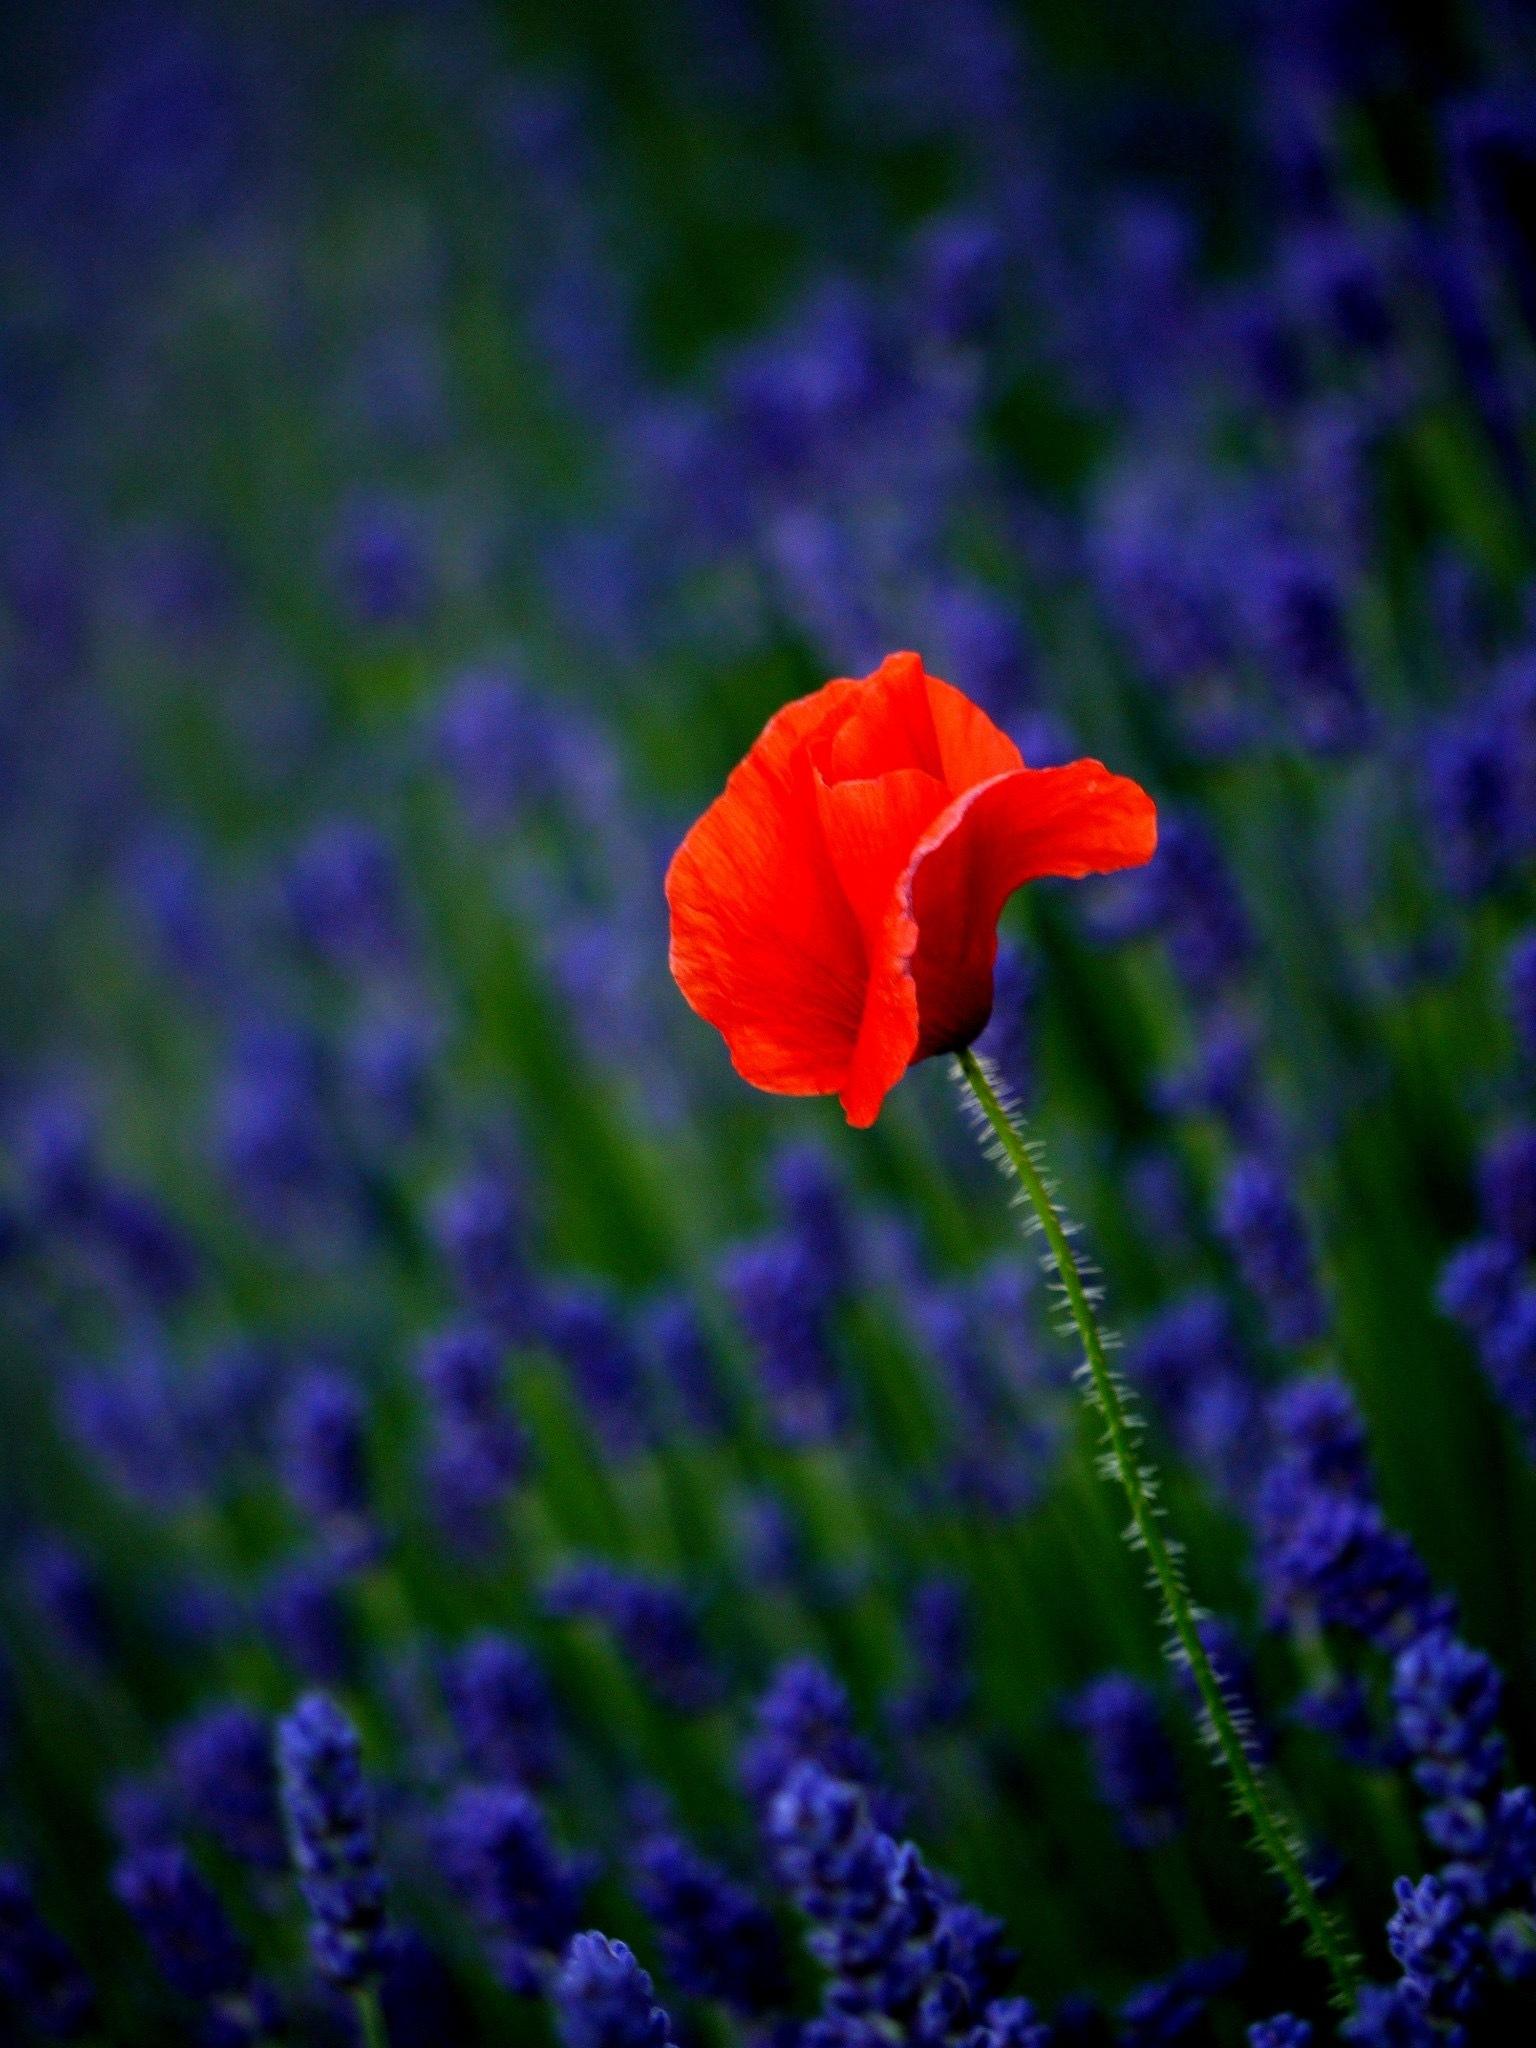 Poppy in lavender  by Derek Hollis